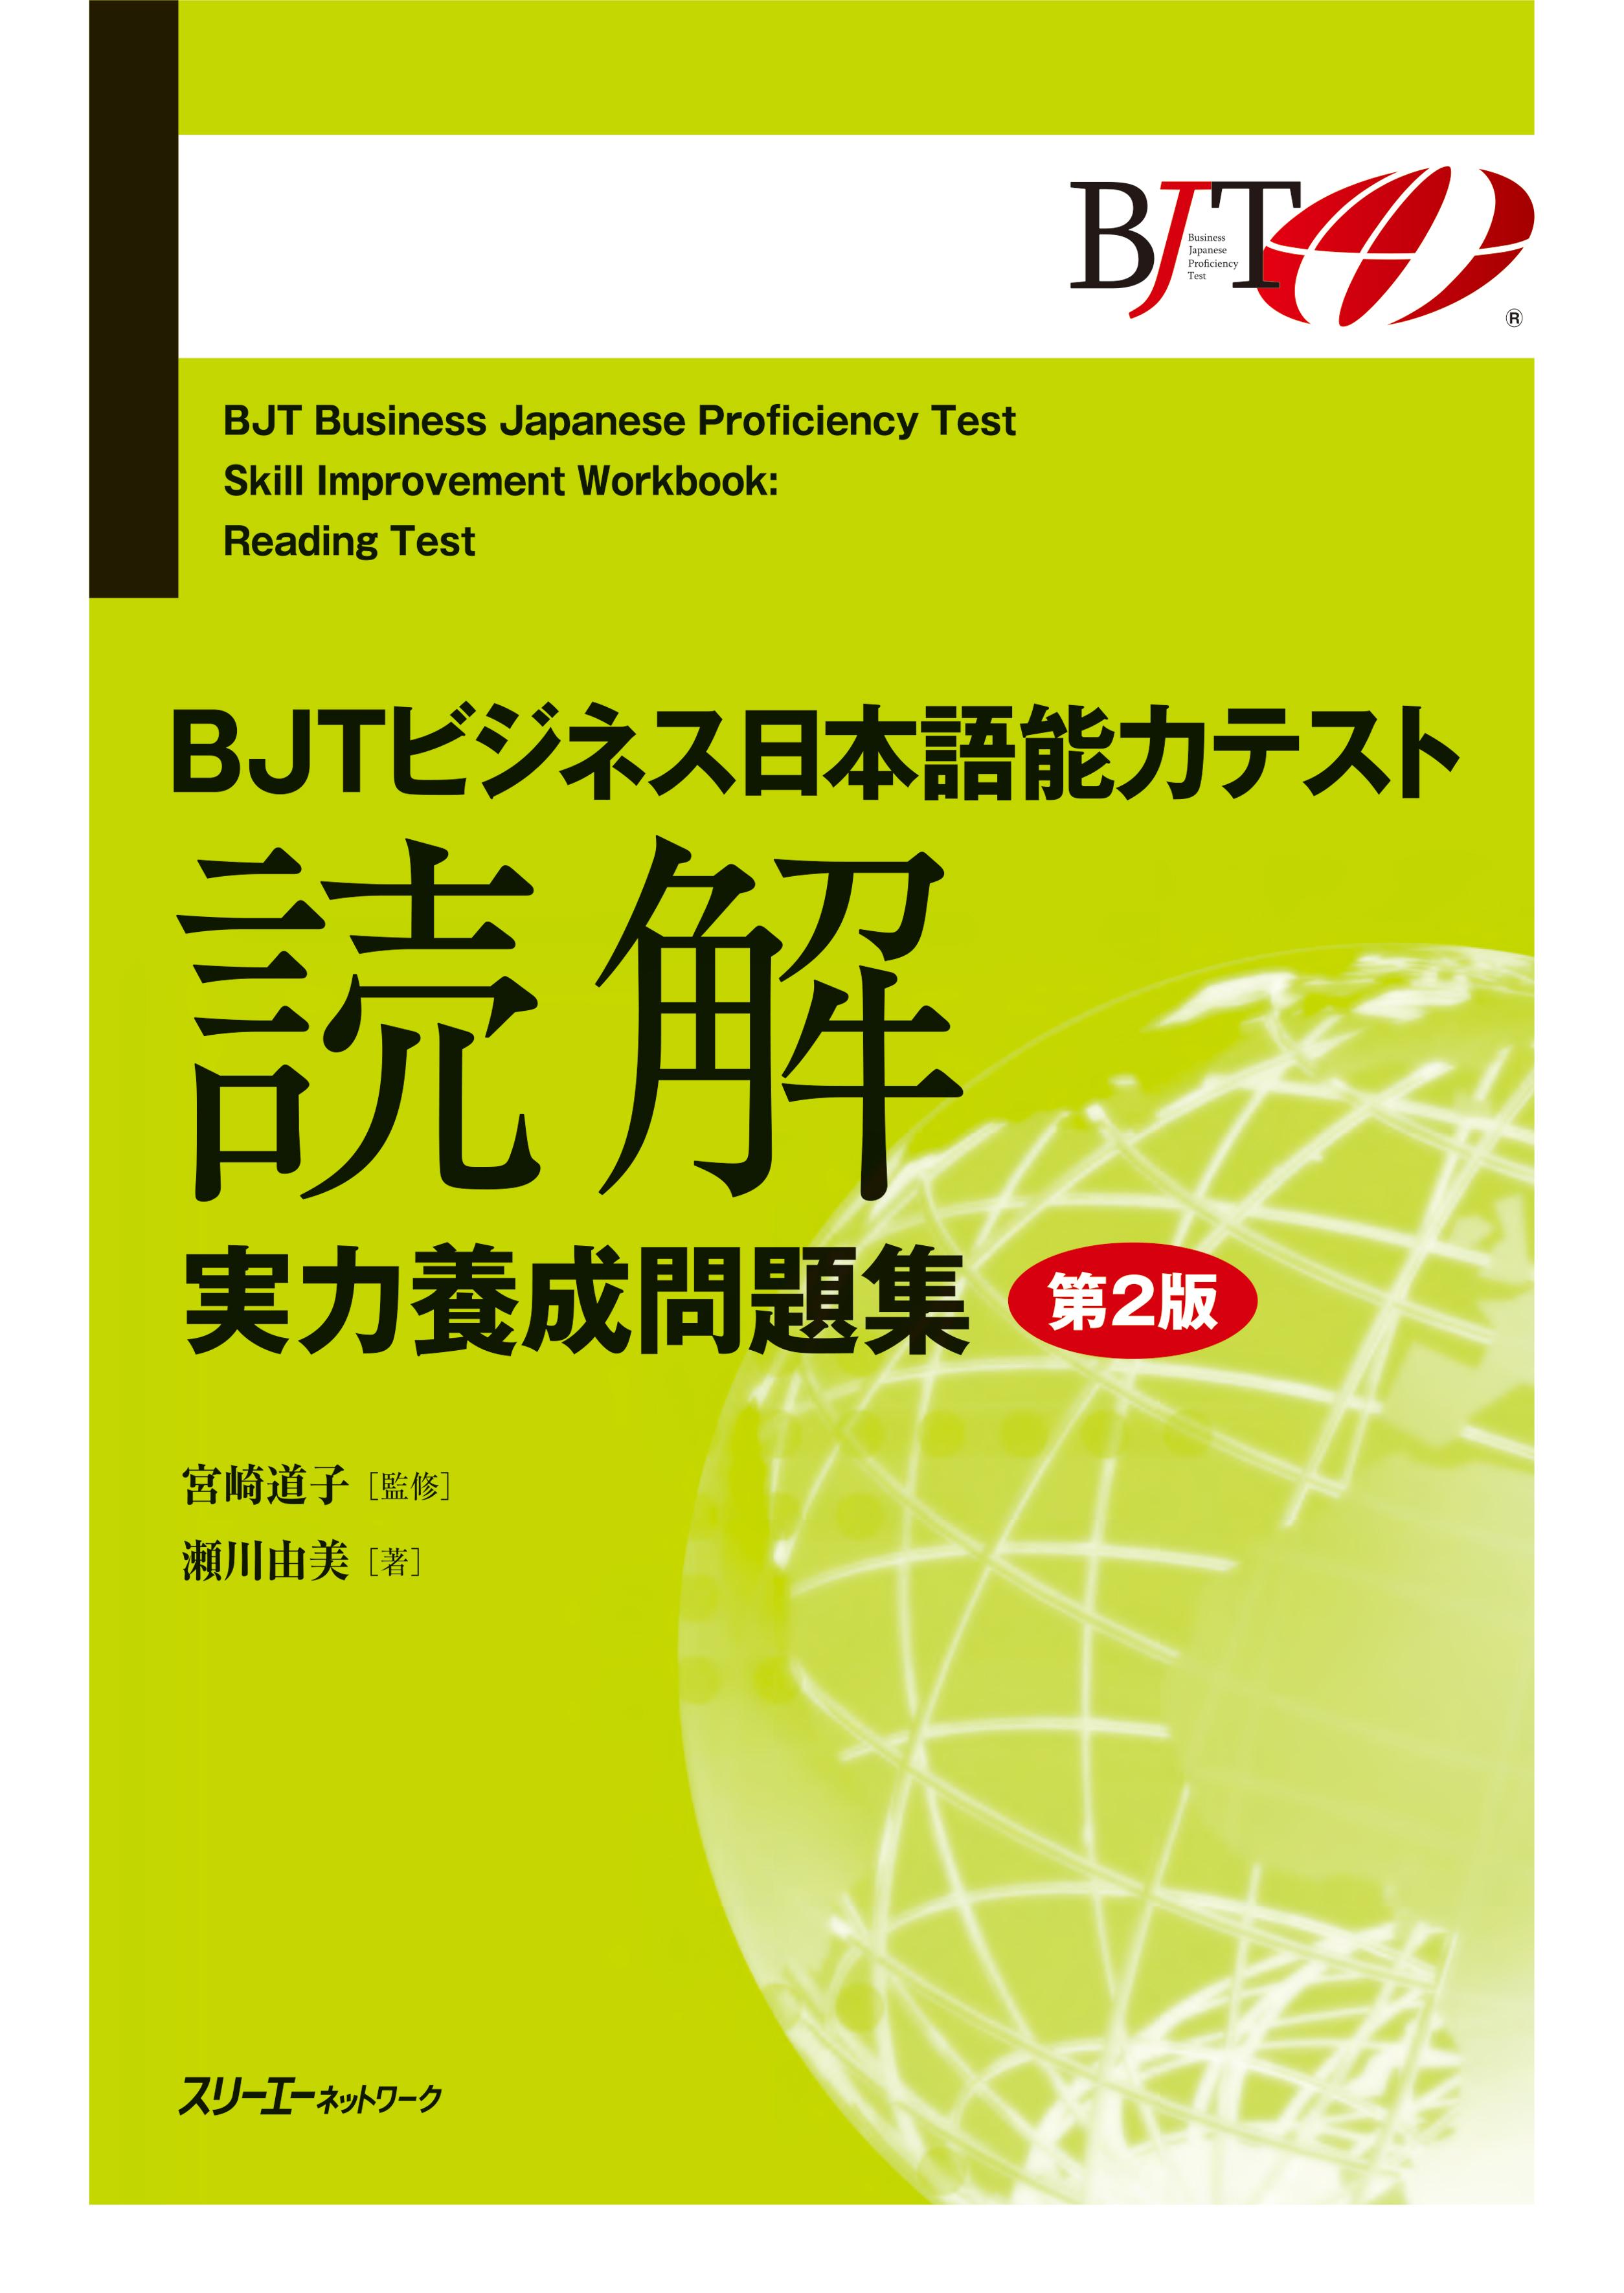 BJTビジネス日本語能力テスト 読解 実力養成問題集 第2版画像